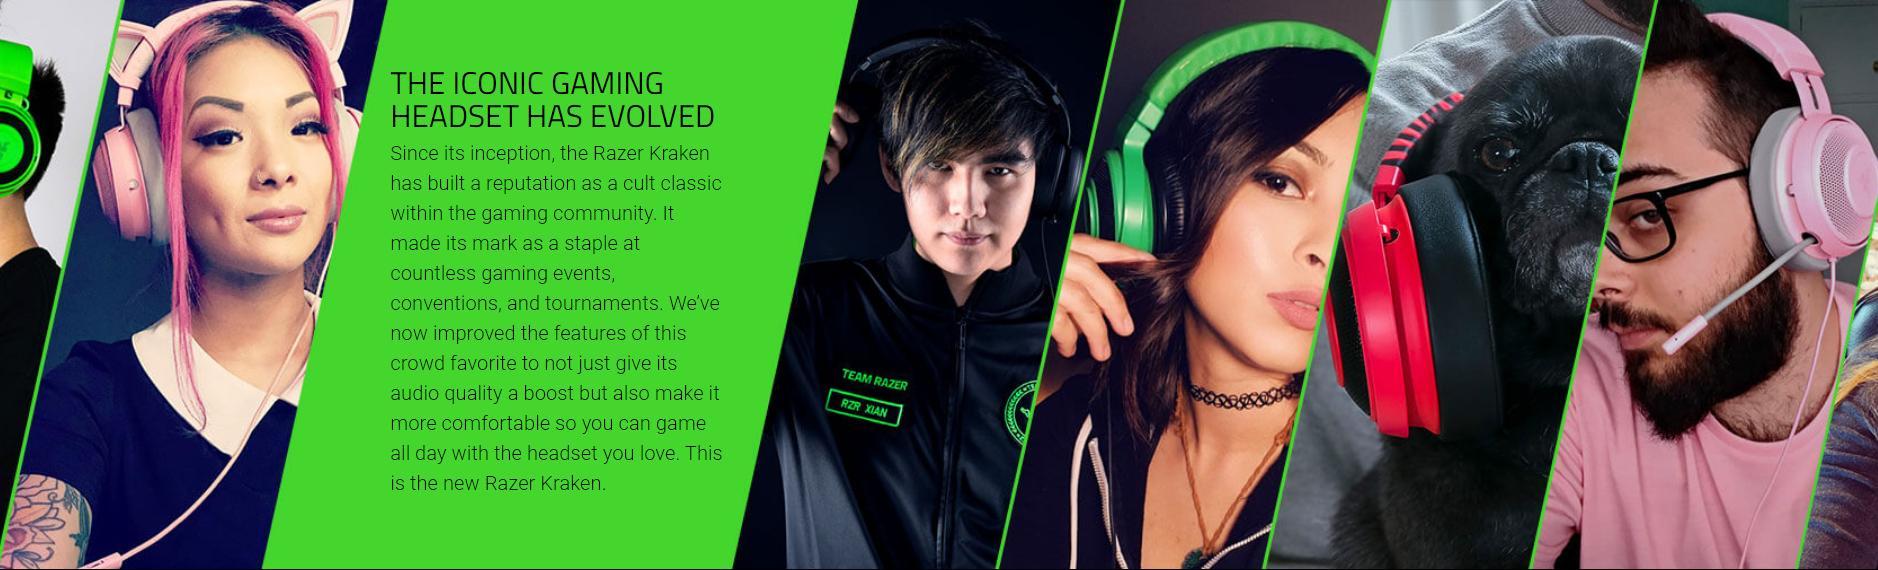 Tai nghe Razer Kraken Multi Platform Wired Gaming Headset Quartz RZ04-02830300-R3M1 2